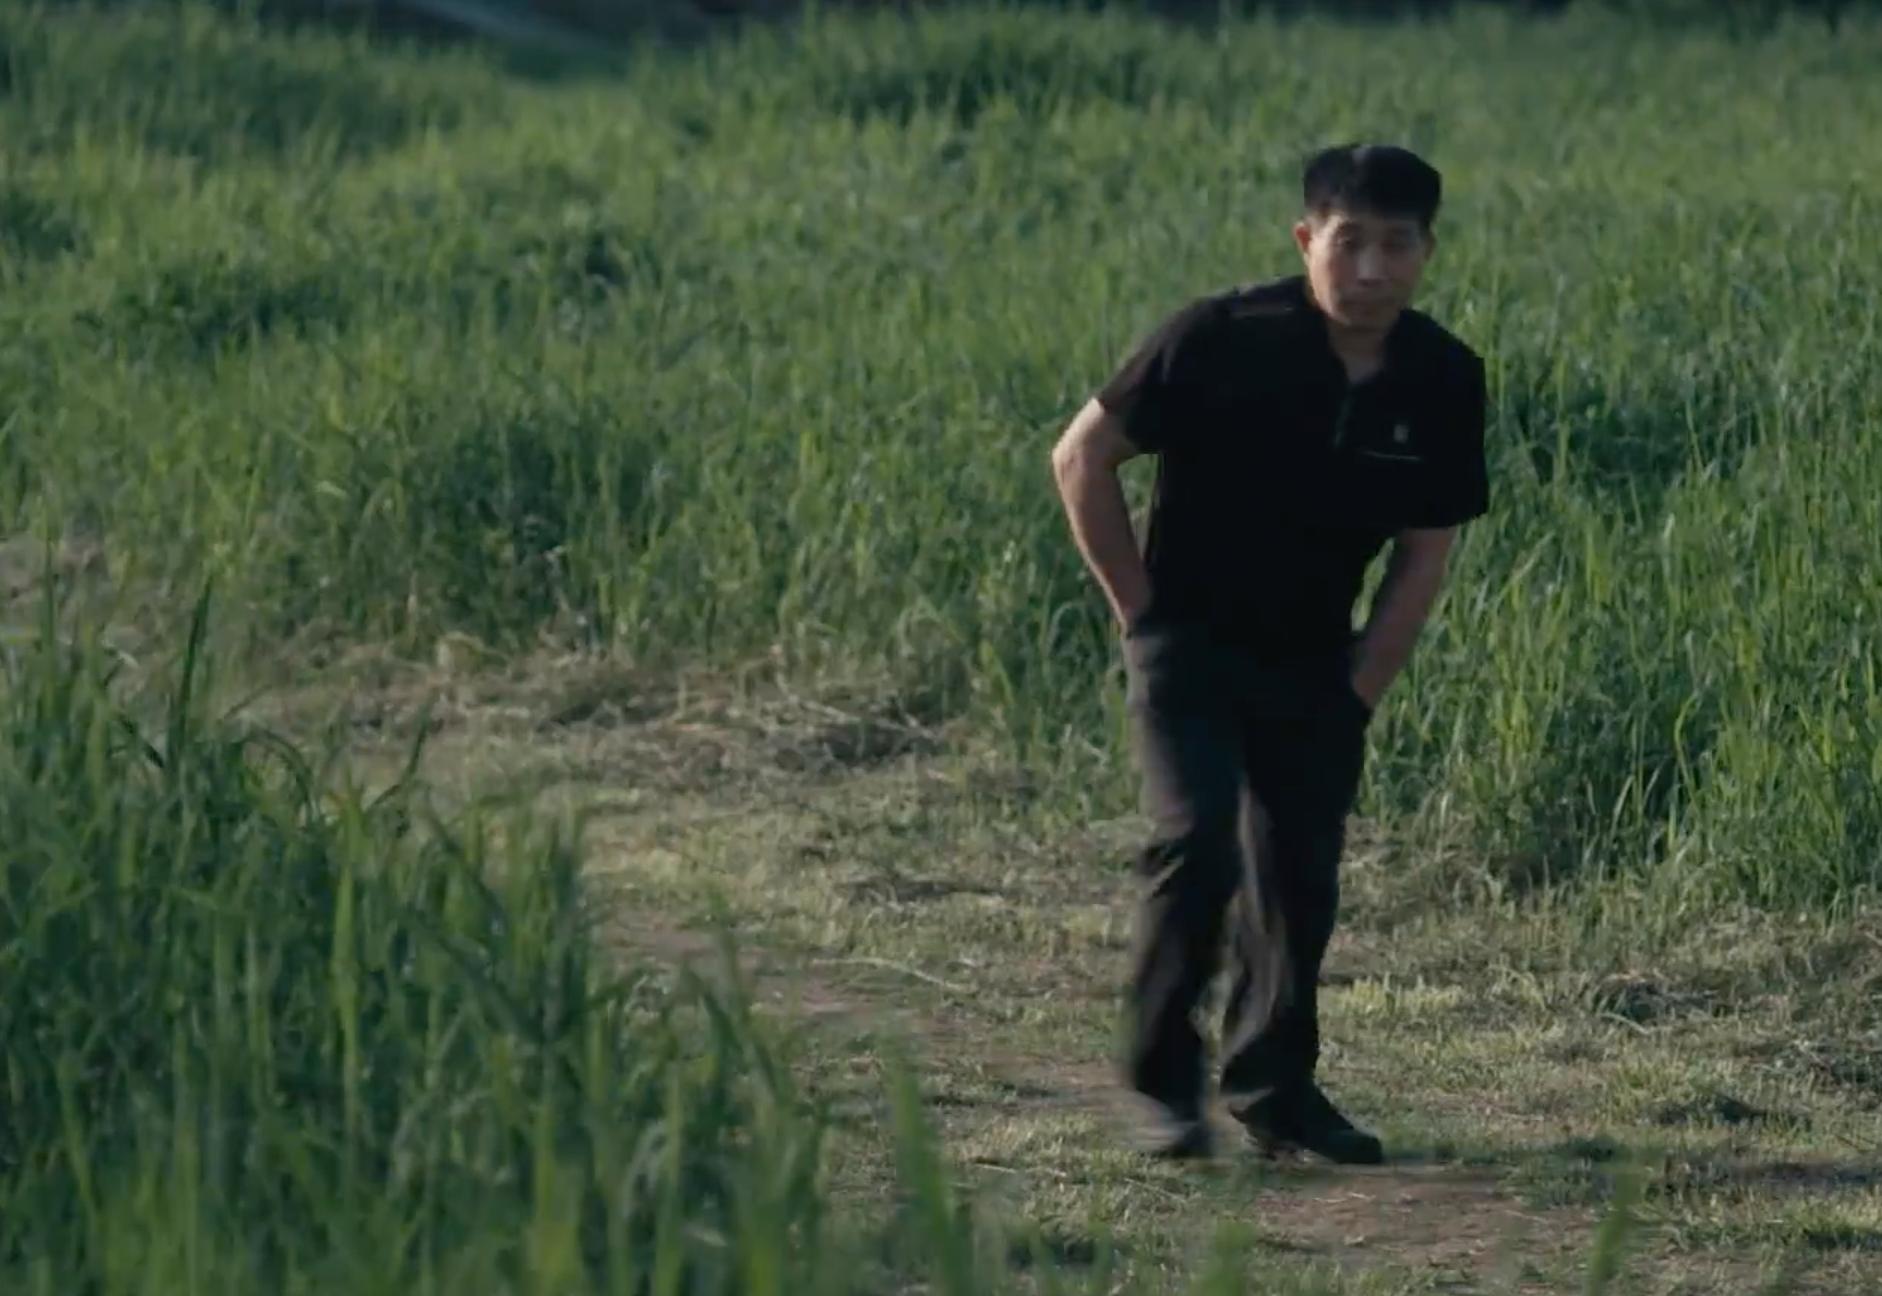 Yoon Sung Yeo, người thợ hàn bị thọt chân vì bại liệt, trở thành nghi phạm chính của vụ giết người hàng loạt. Ảnh: CNA